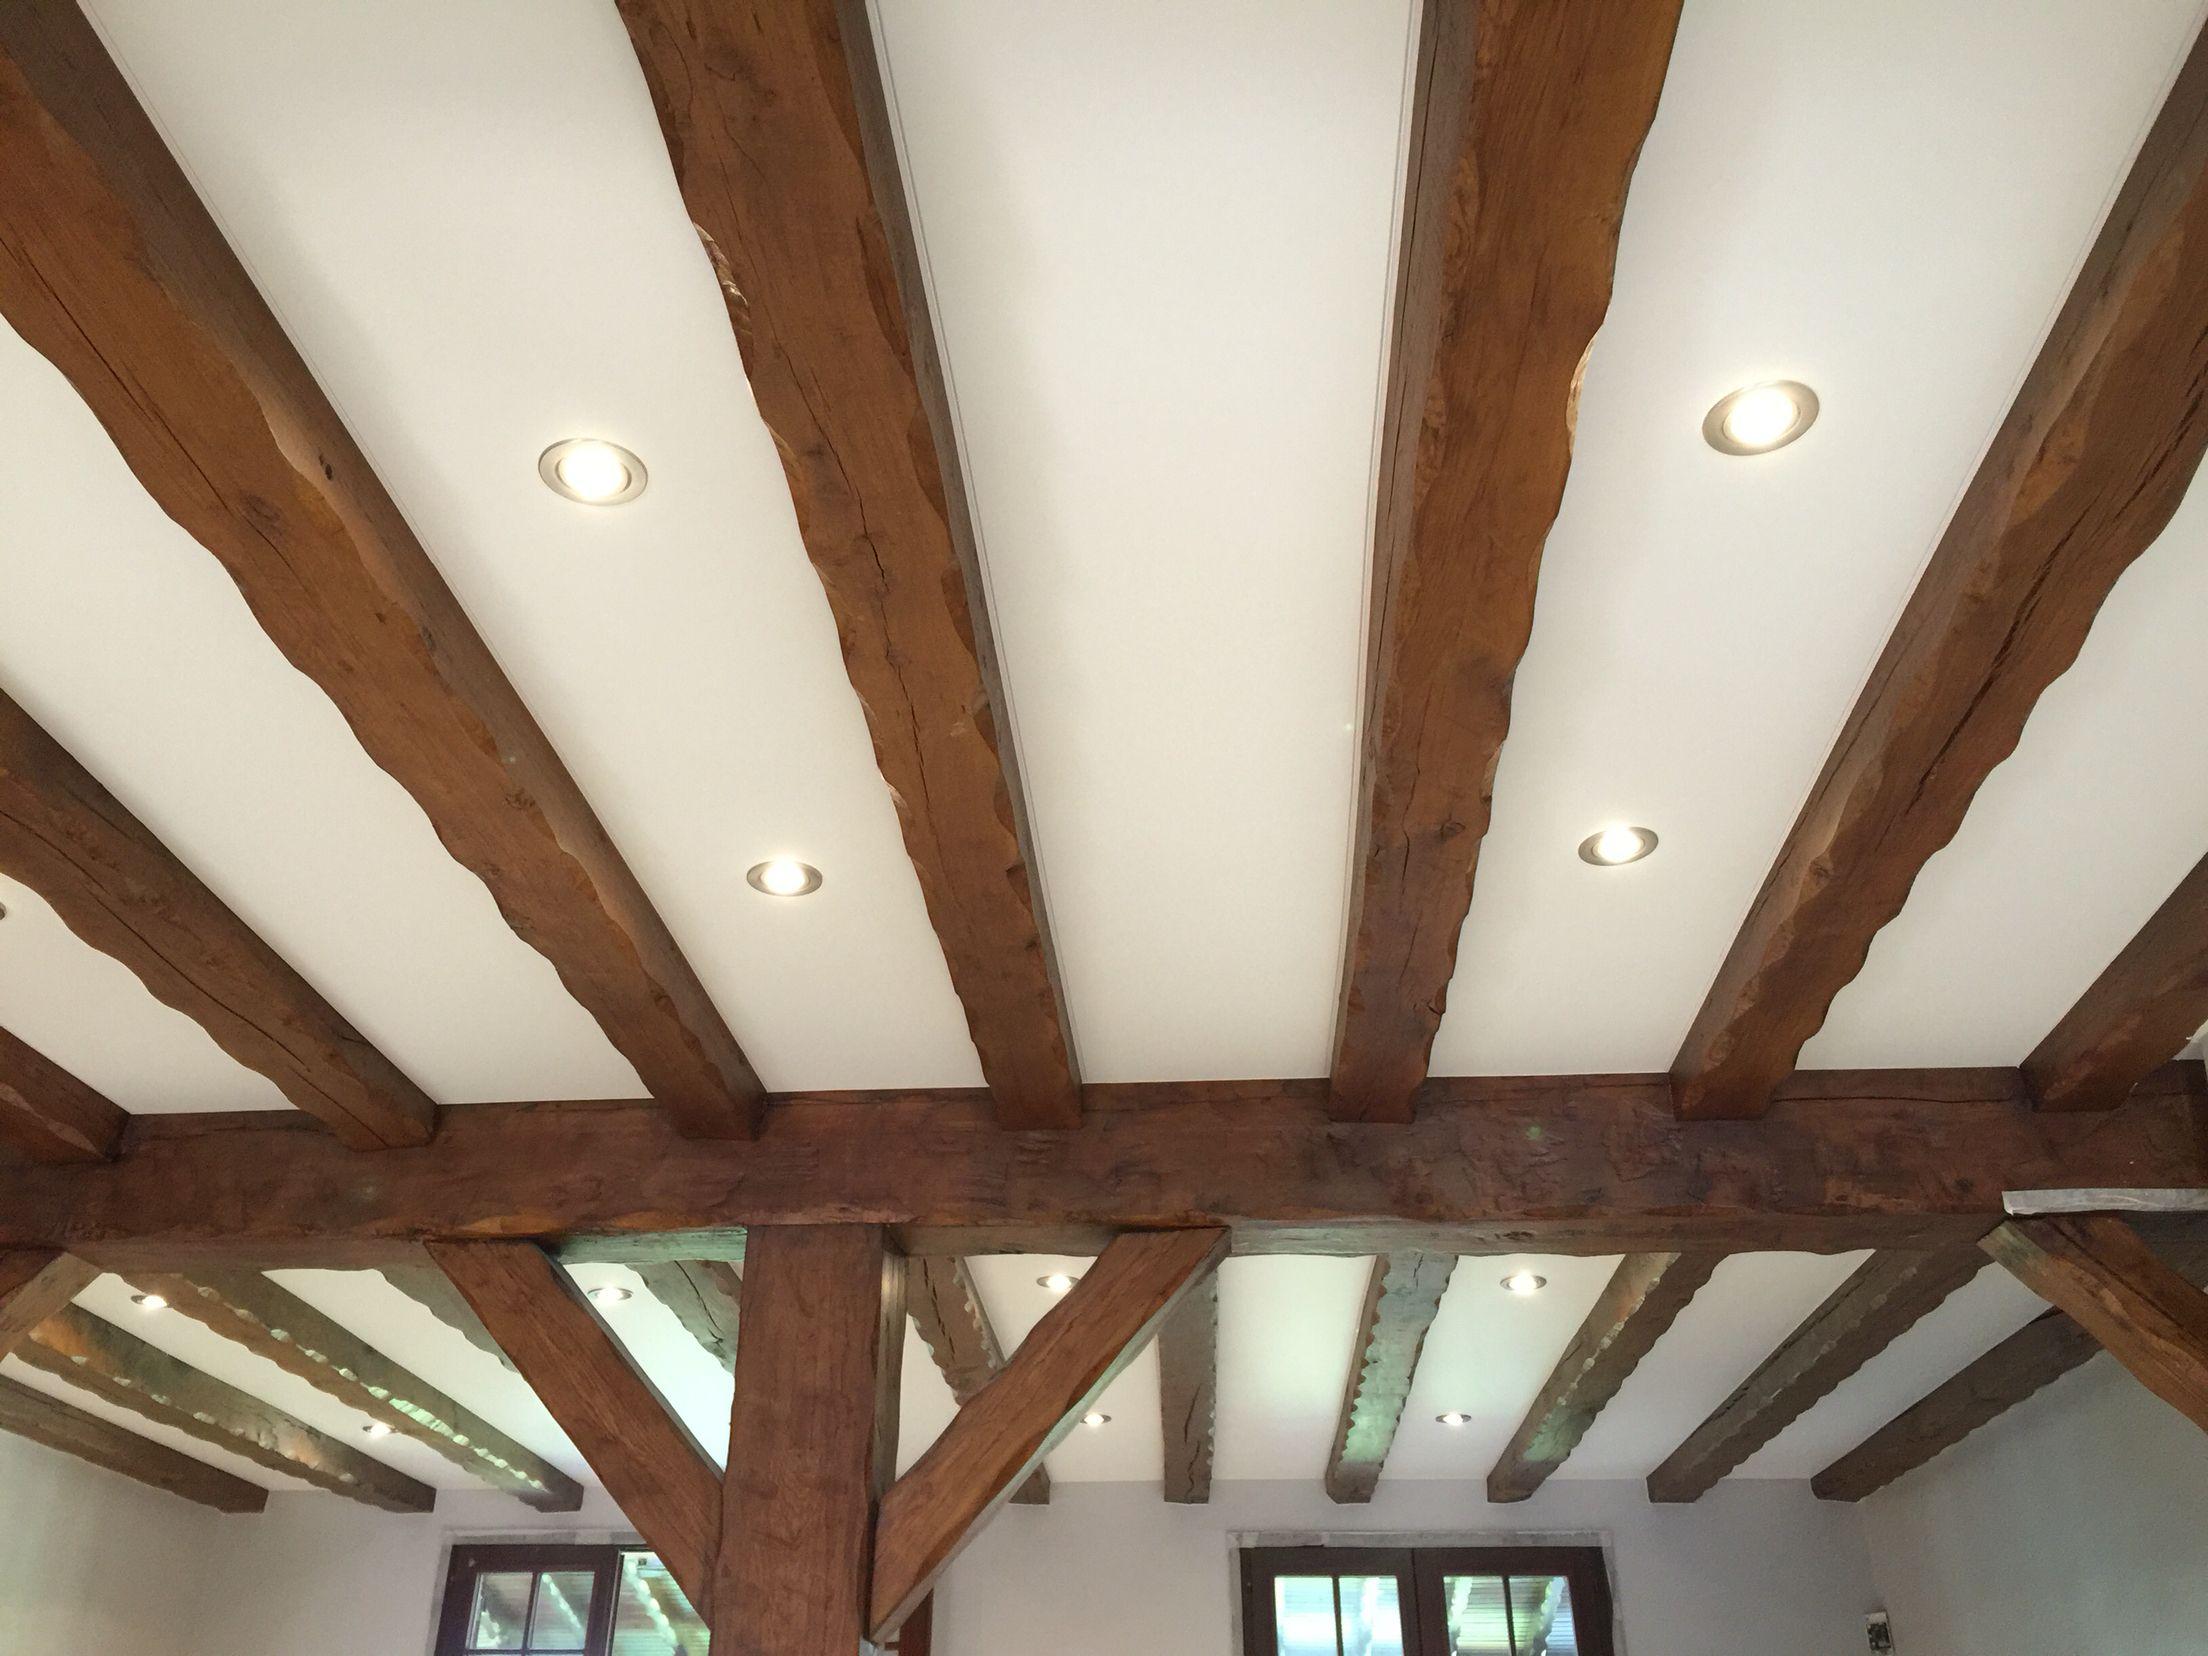 100 Fantastique Idées Eclairage Pour Plafond Avec Poutres